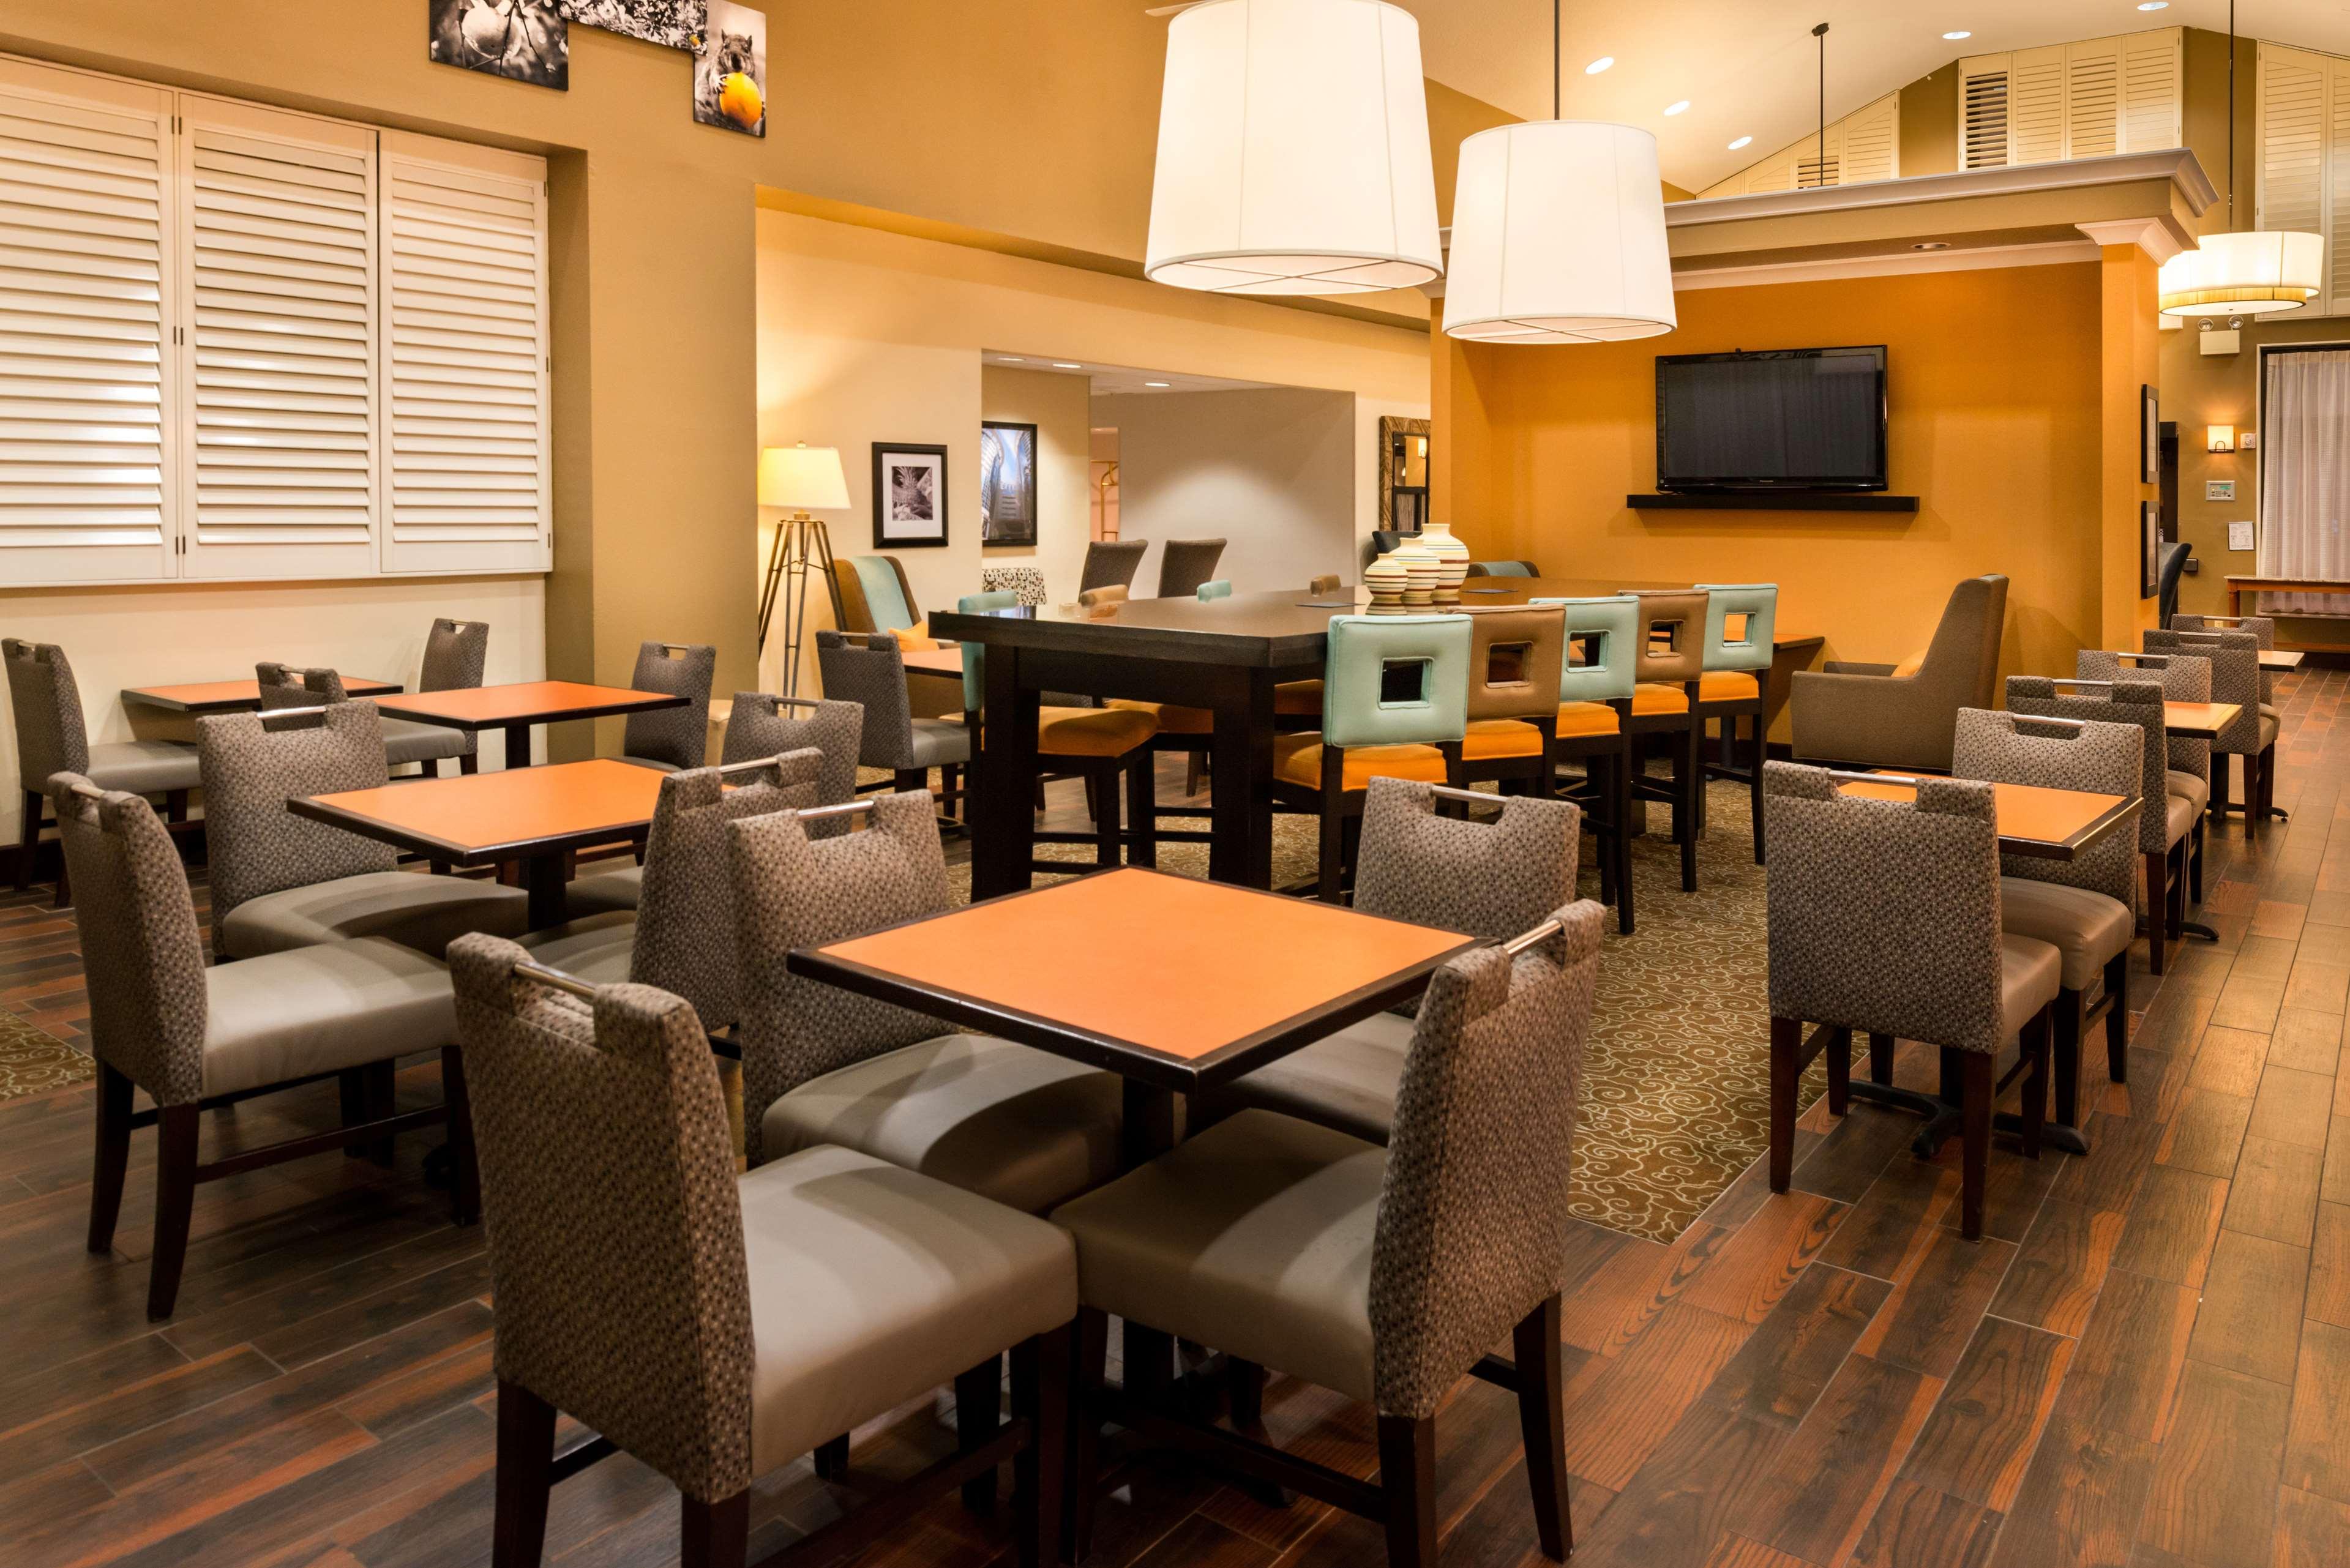 Hampton Inn & Suites Orlando/East UCF Area image 2